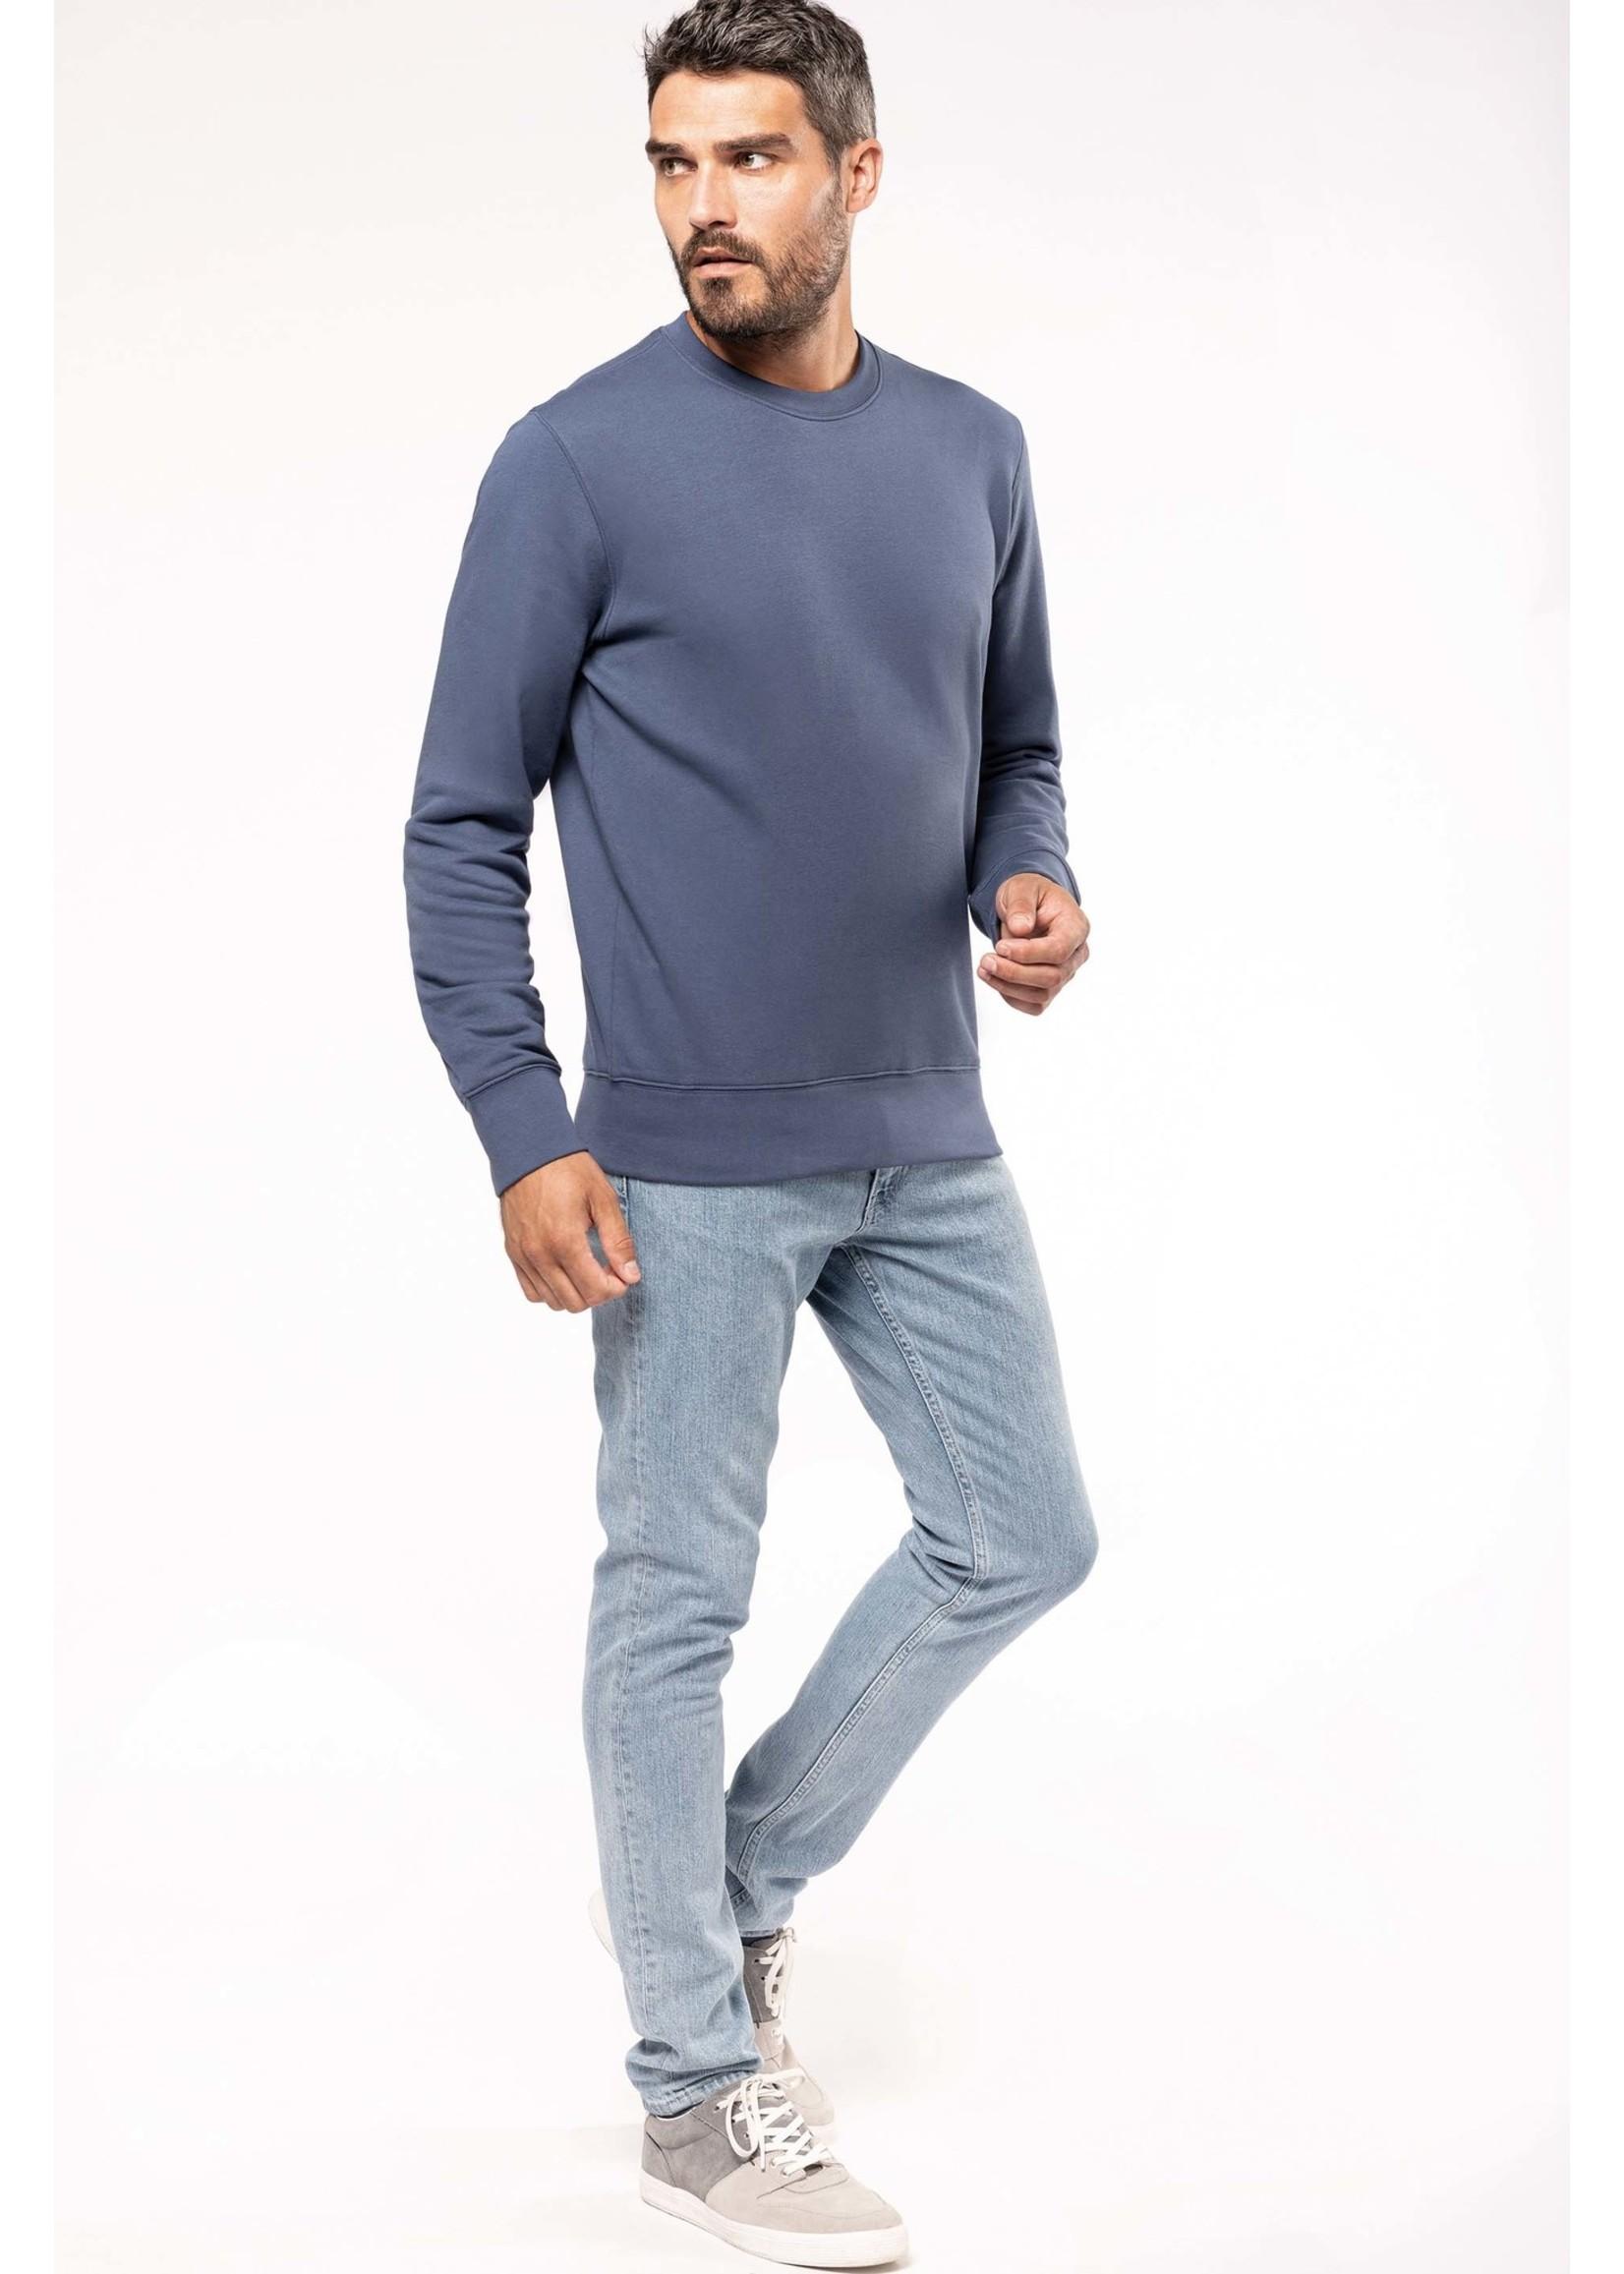 Eco-Friendly Sweater UNI Dark Grey